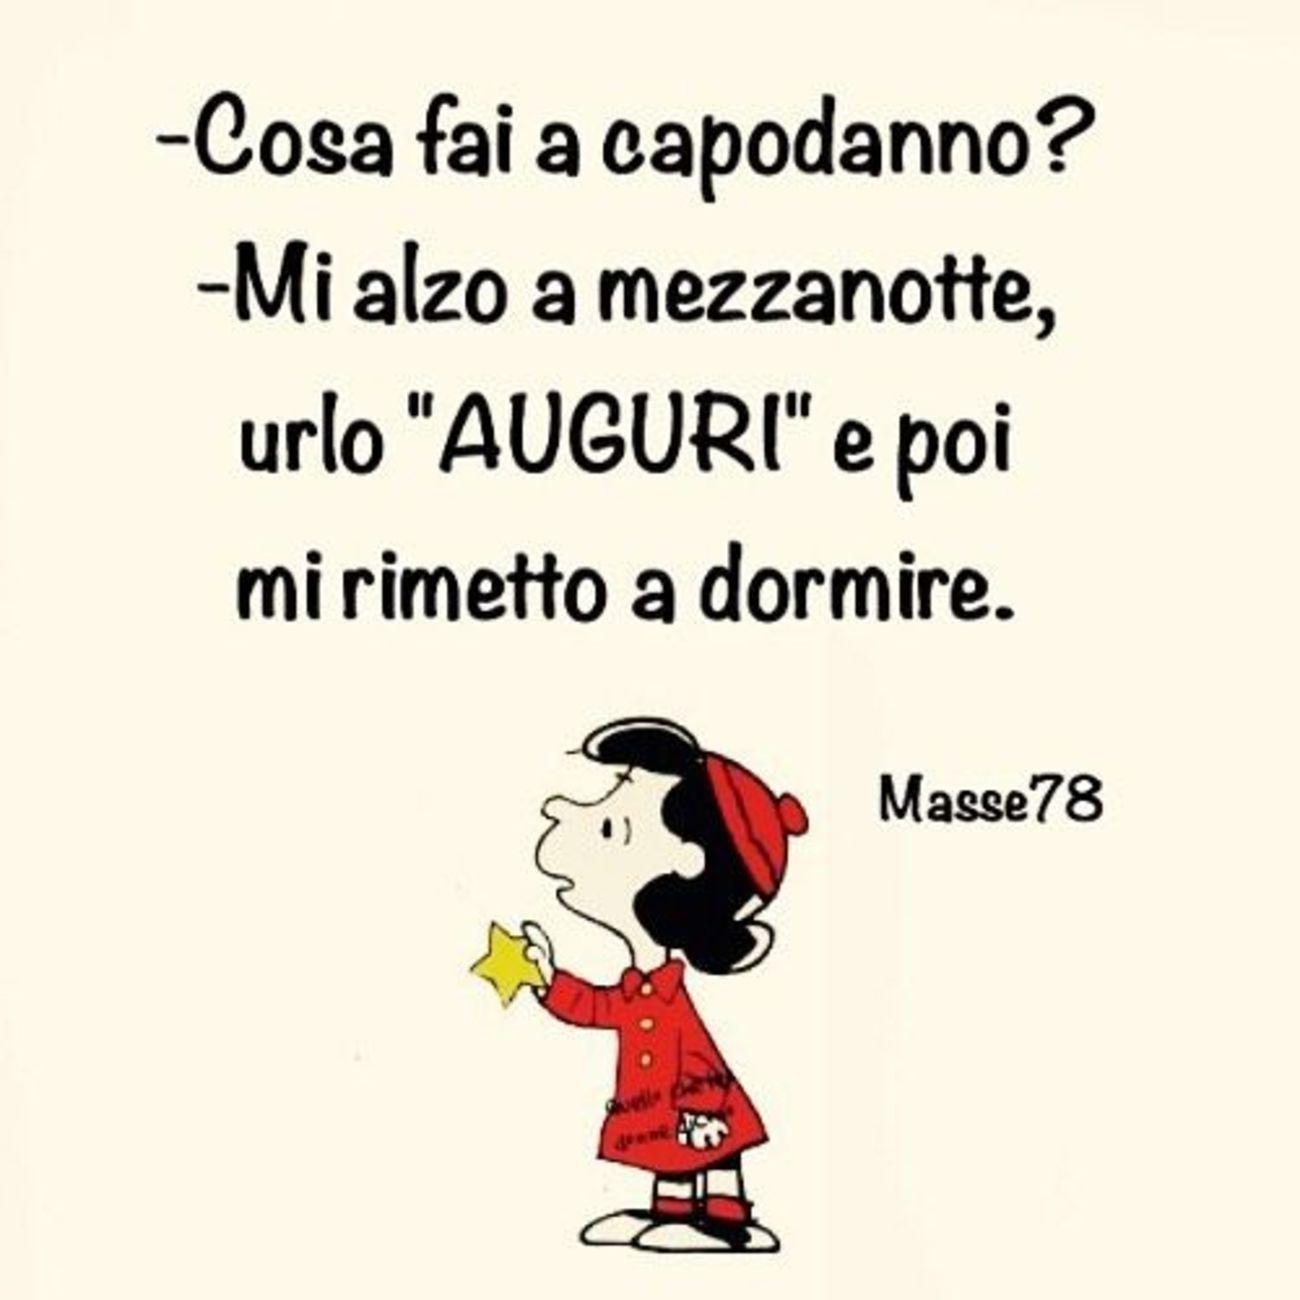 Frasi Simpatiche Nuovo Anno.Auguri Di Buon Anno Con Mafalda Sarcastic Quotes Funny Quotes Love Me Quotes